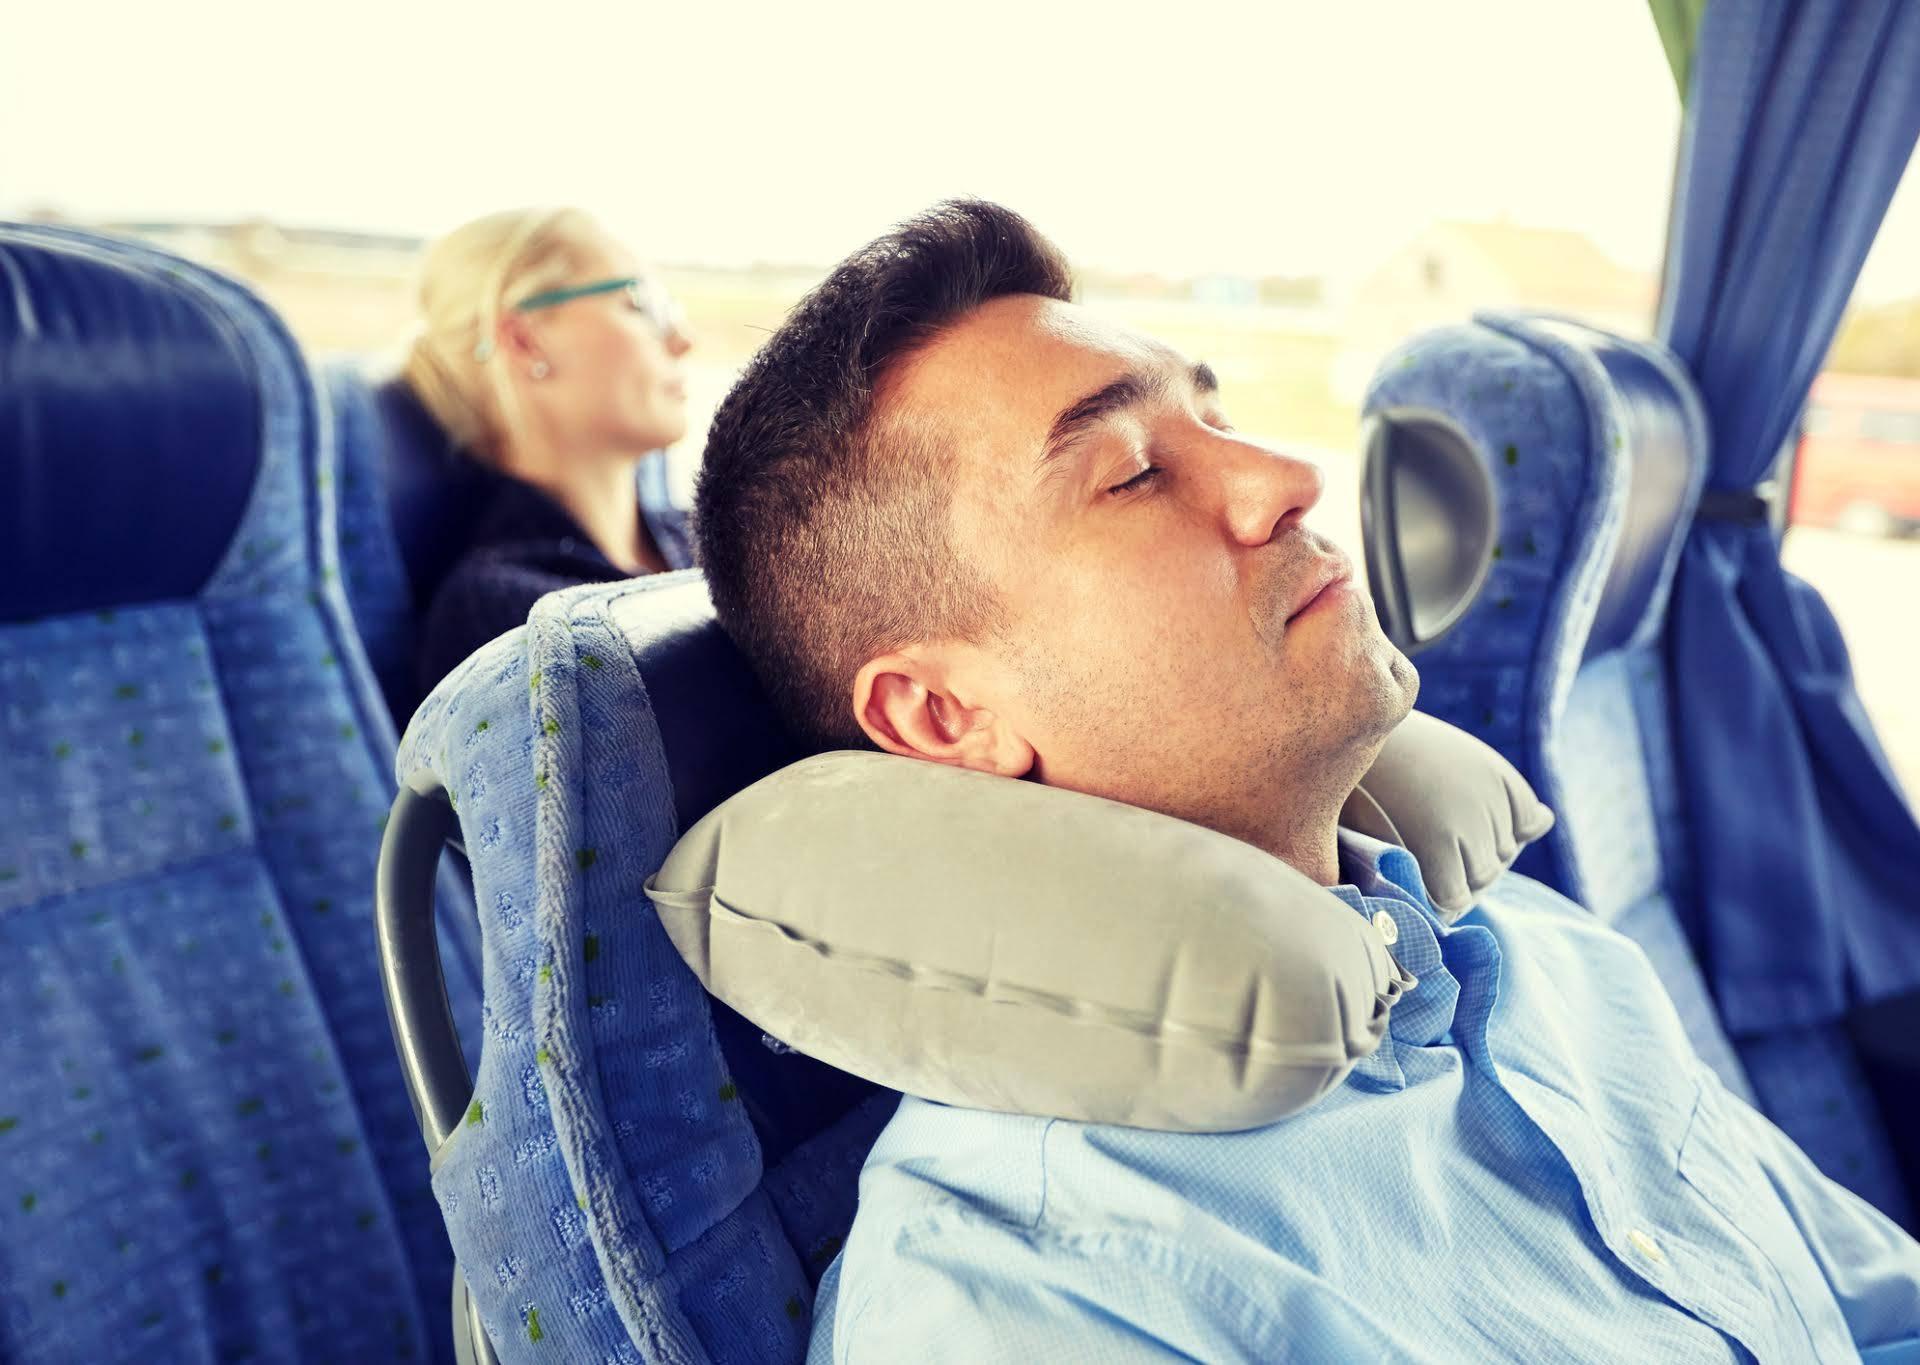 Putujete avionom? Evo kako se može spriječiti umor i 'jet lag'